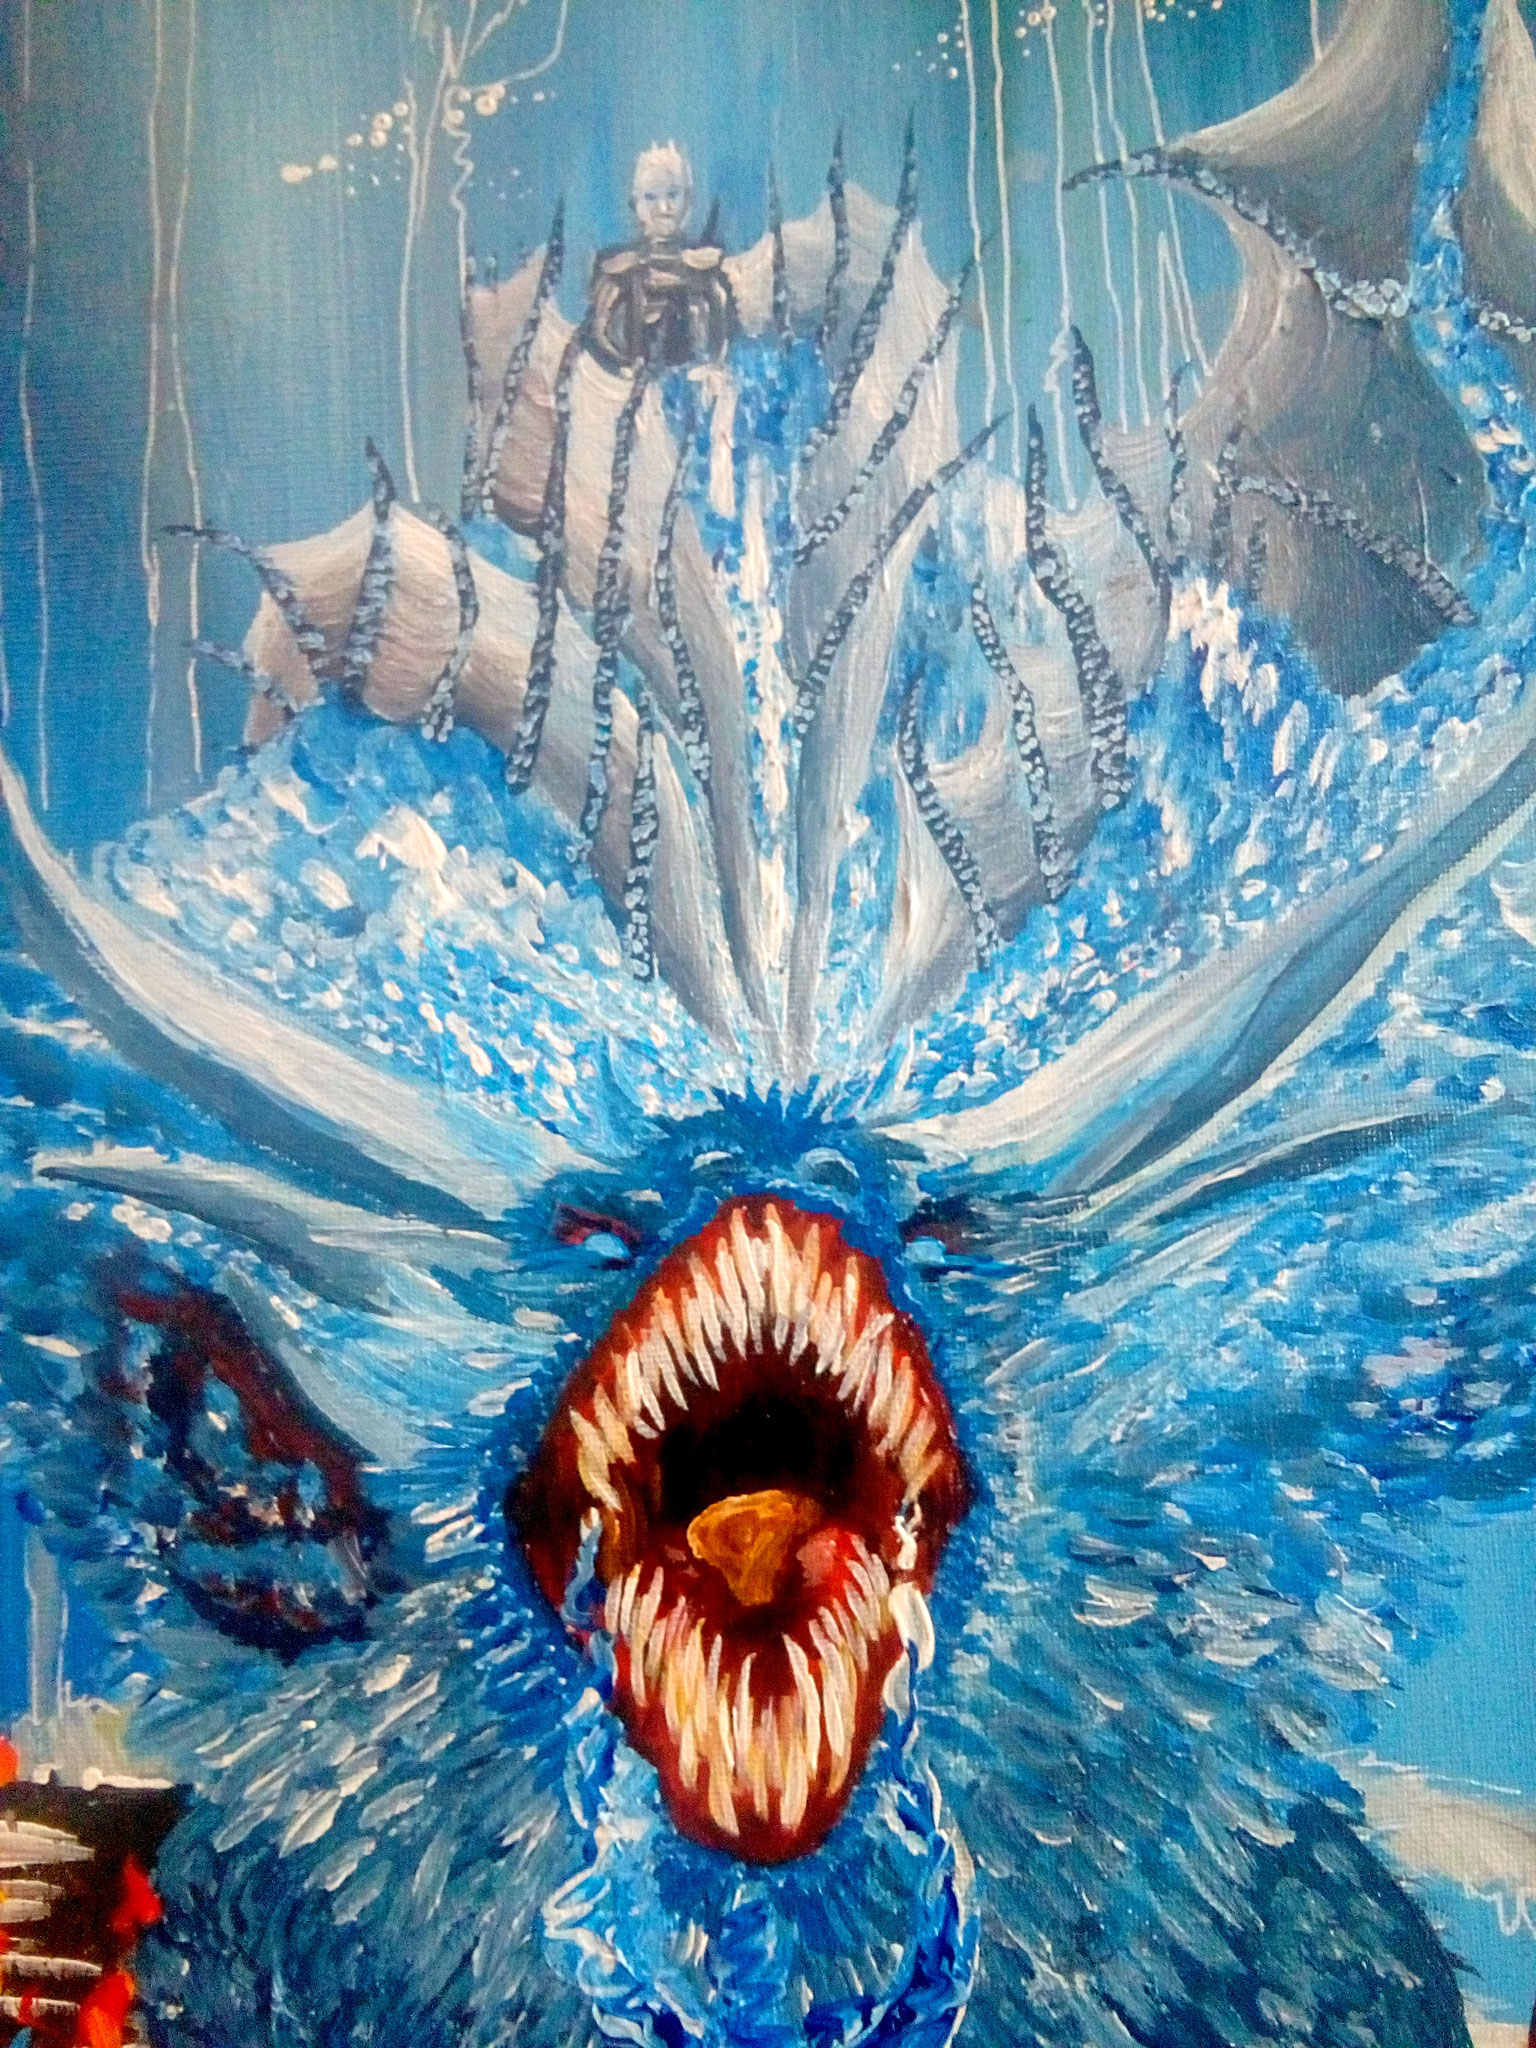 Eiskrone - der Drachenkampf Acryl auf Leinwand 1x1m 2017 Alles Gute zum Geburtstag! inspiriert von Game of Thrones - Ausschnitt